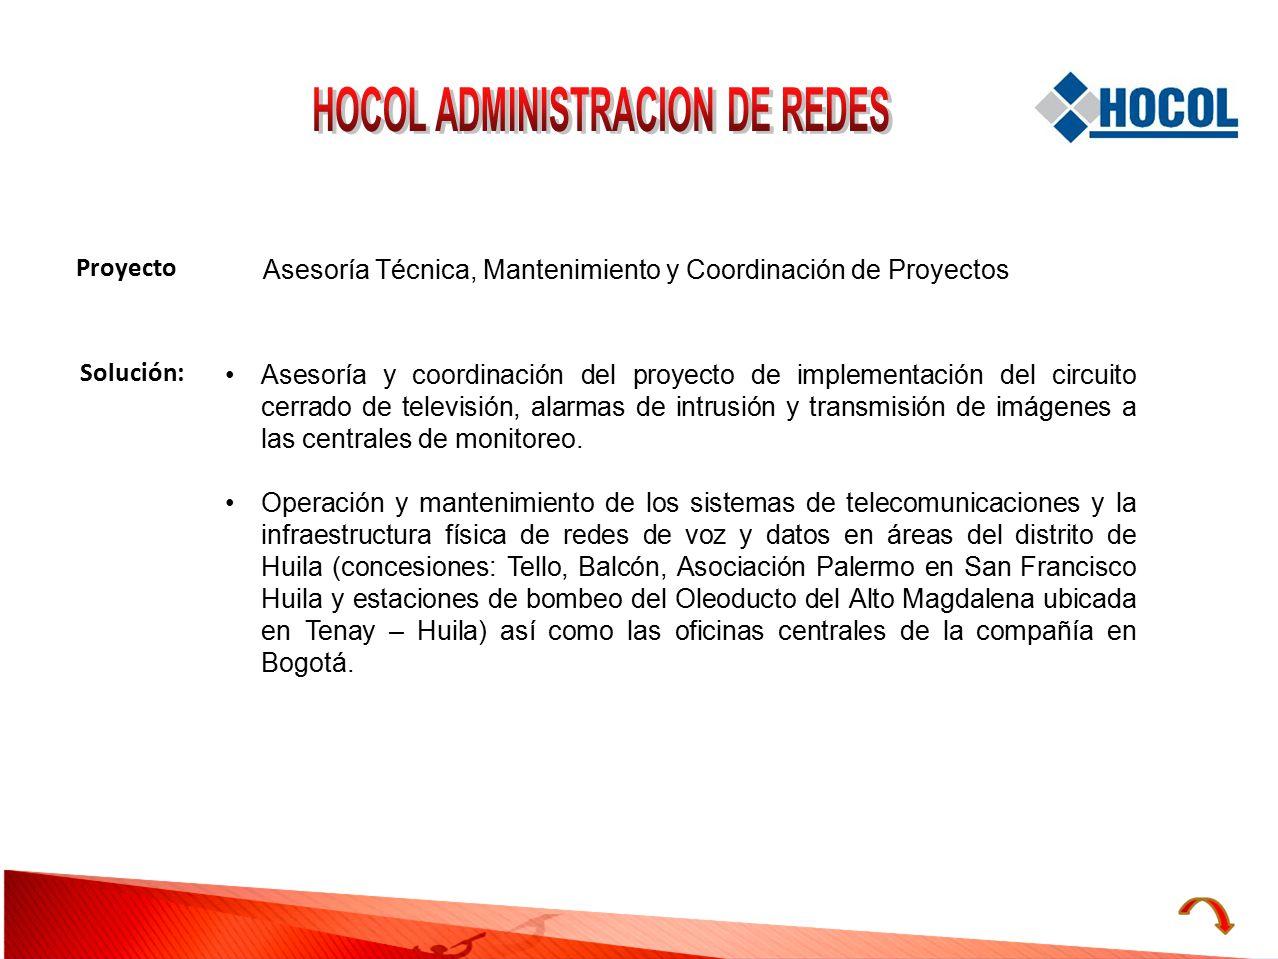 HOCOL ADMINISTRACION DE REDES